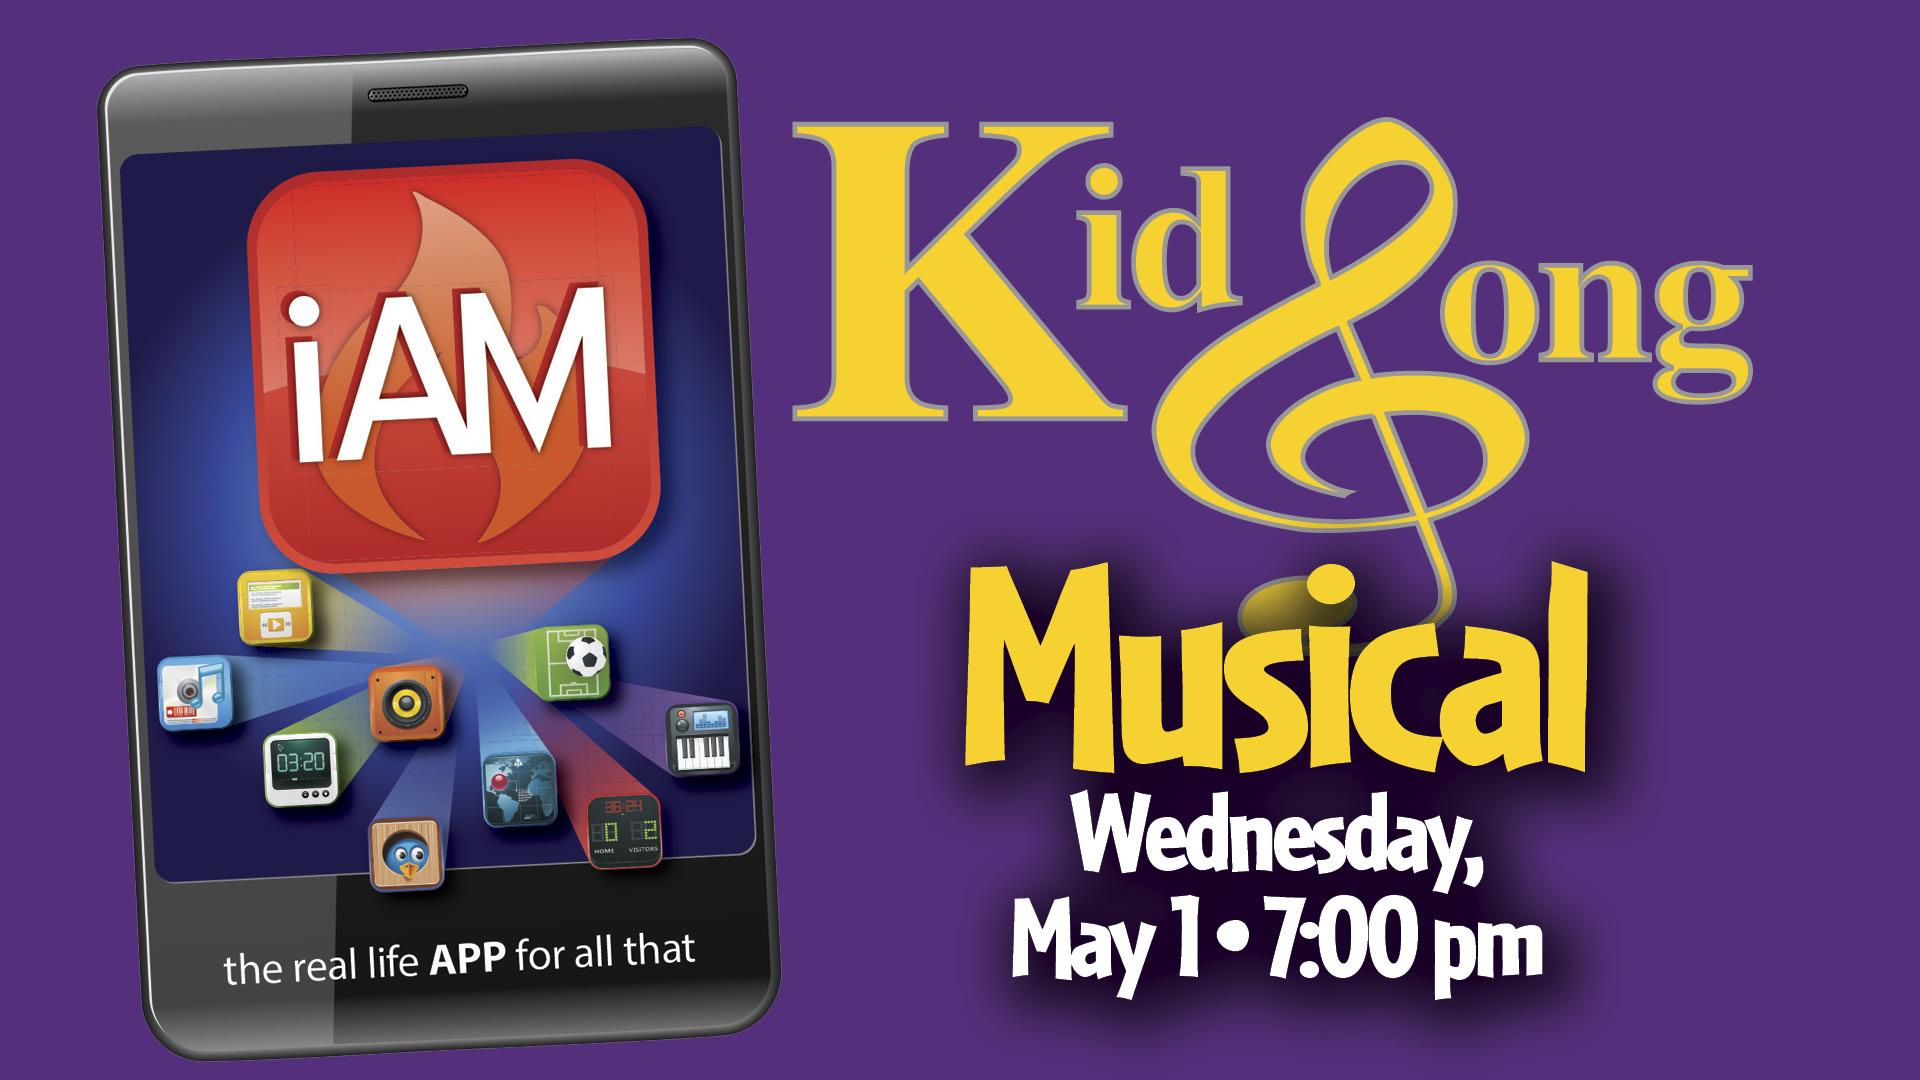 KidSong Musical